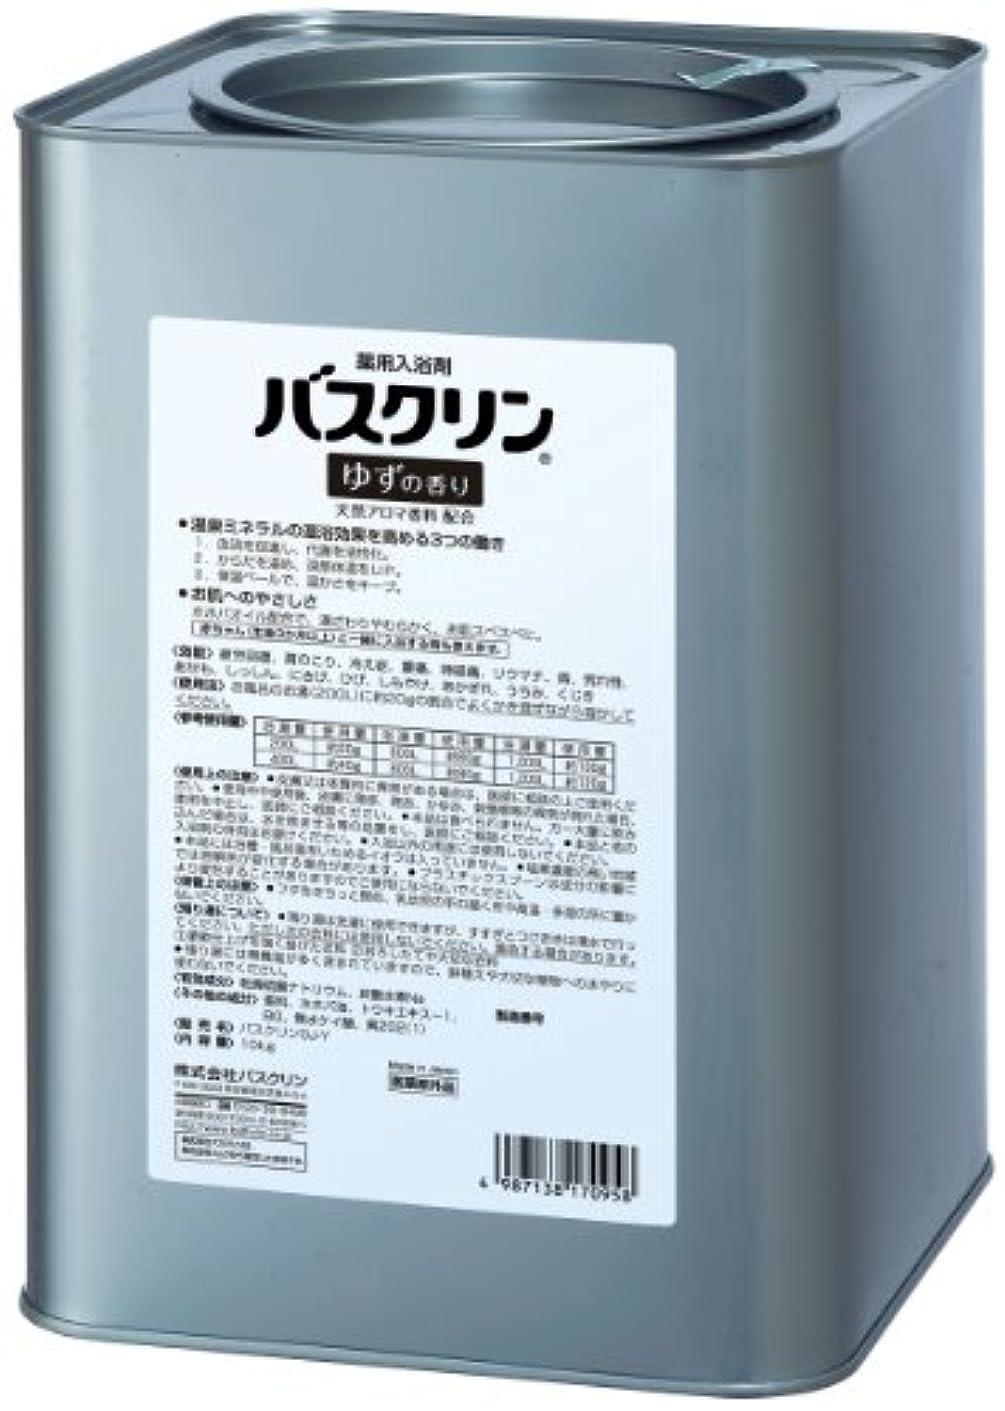 ボウリング軽食宇宙船【業務用】バスクリン ゆず 10kg 入浴剤